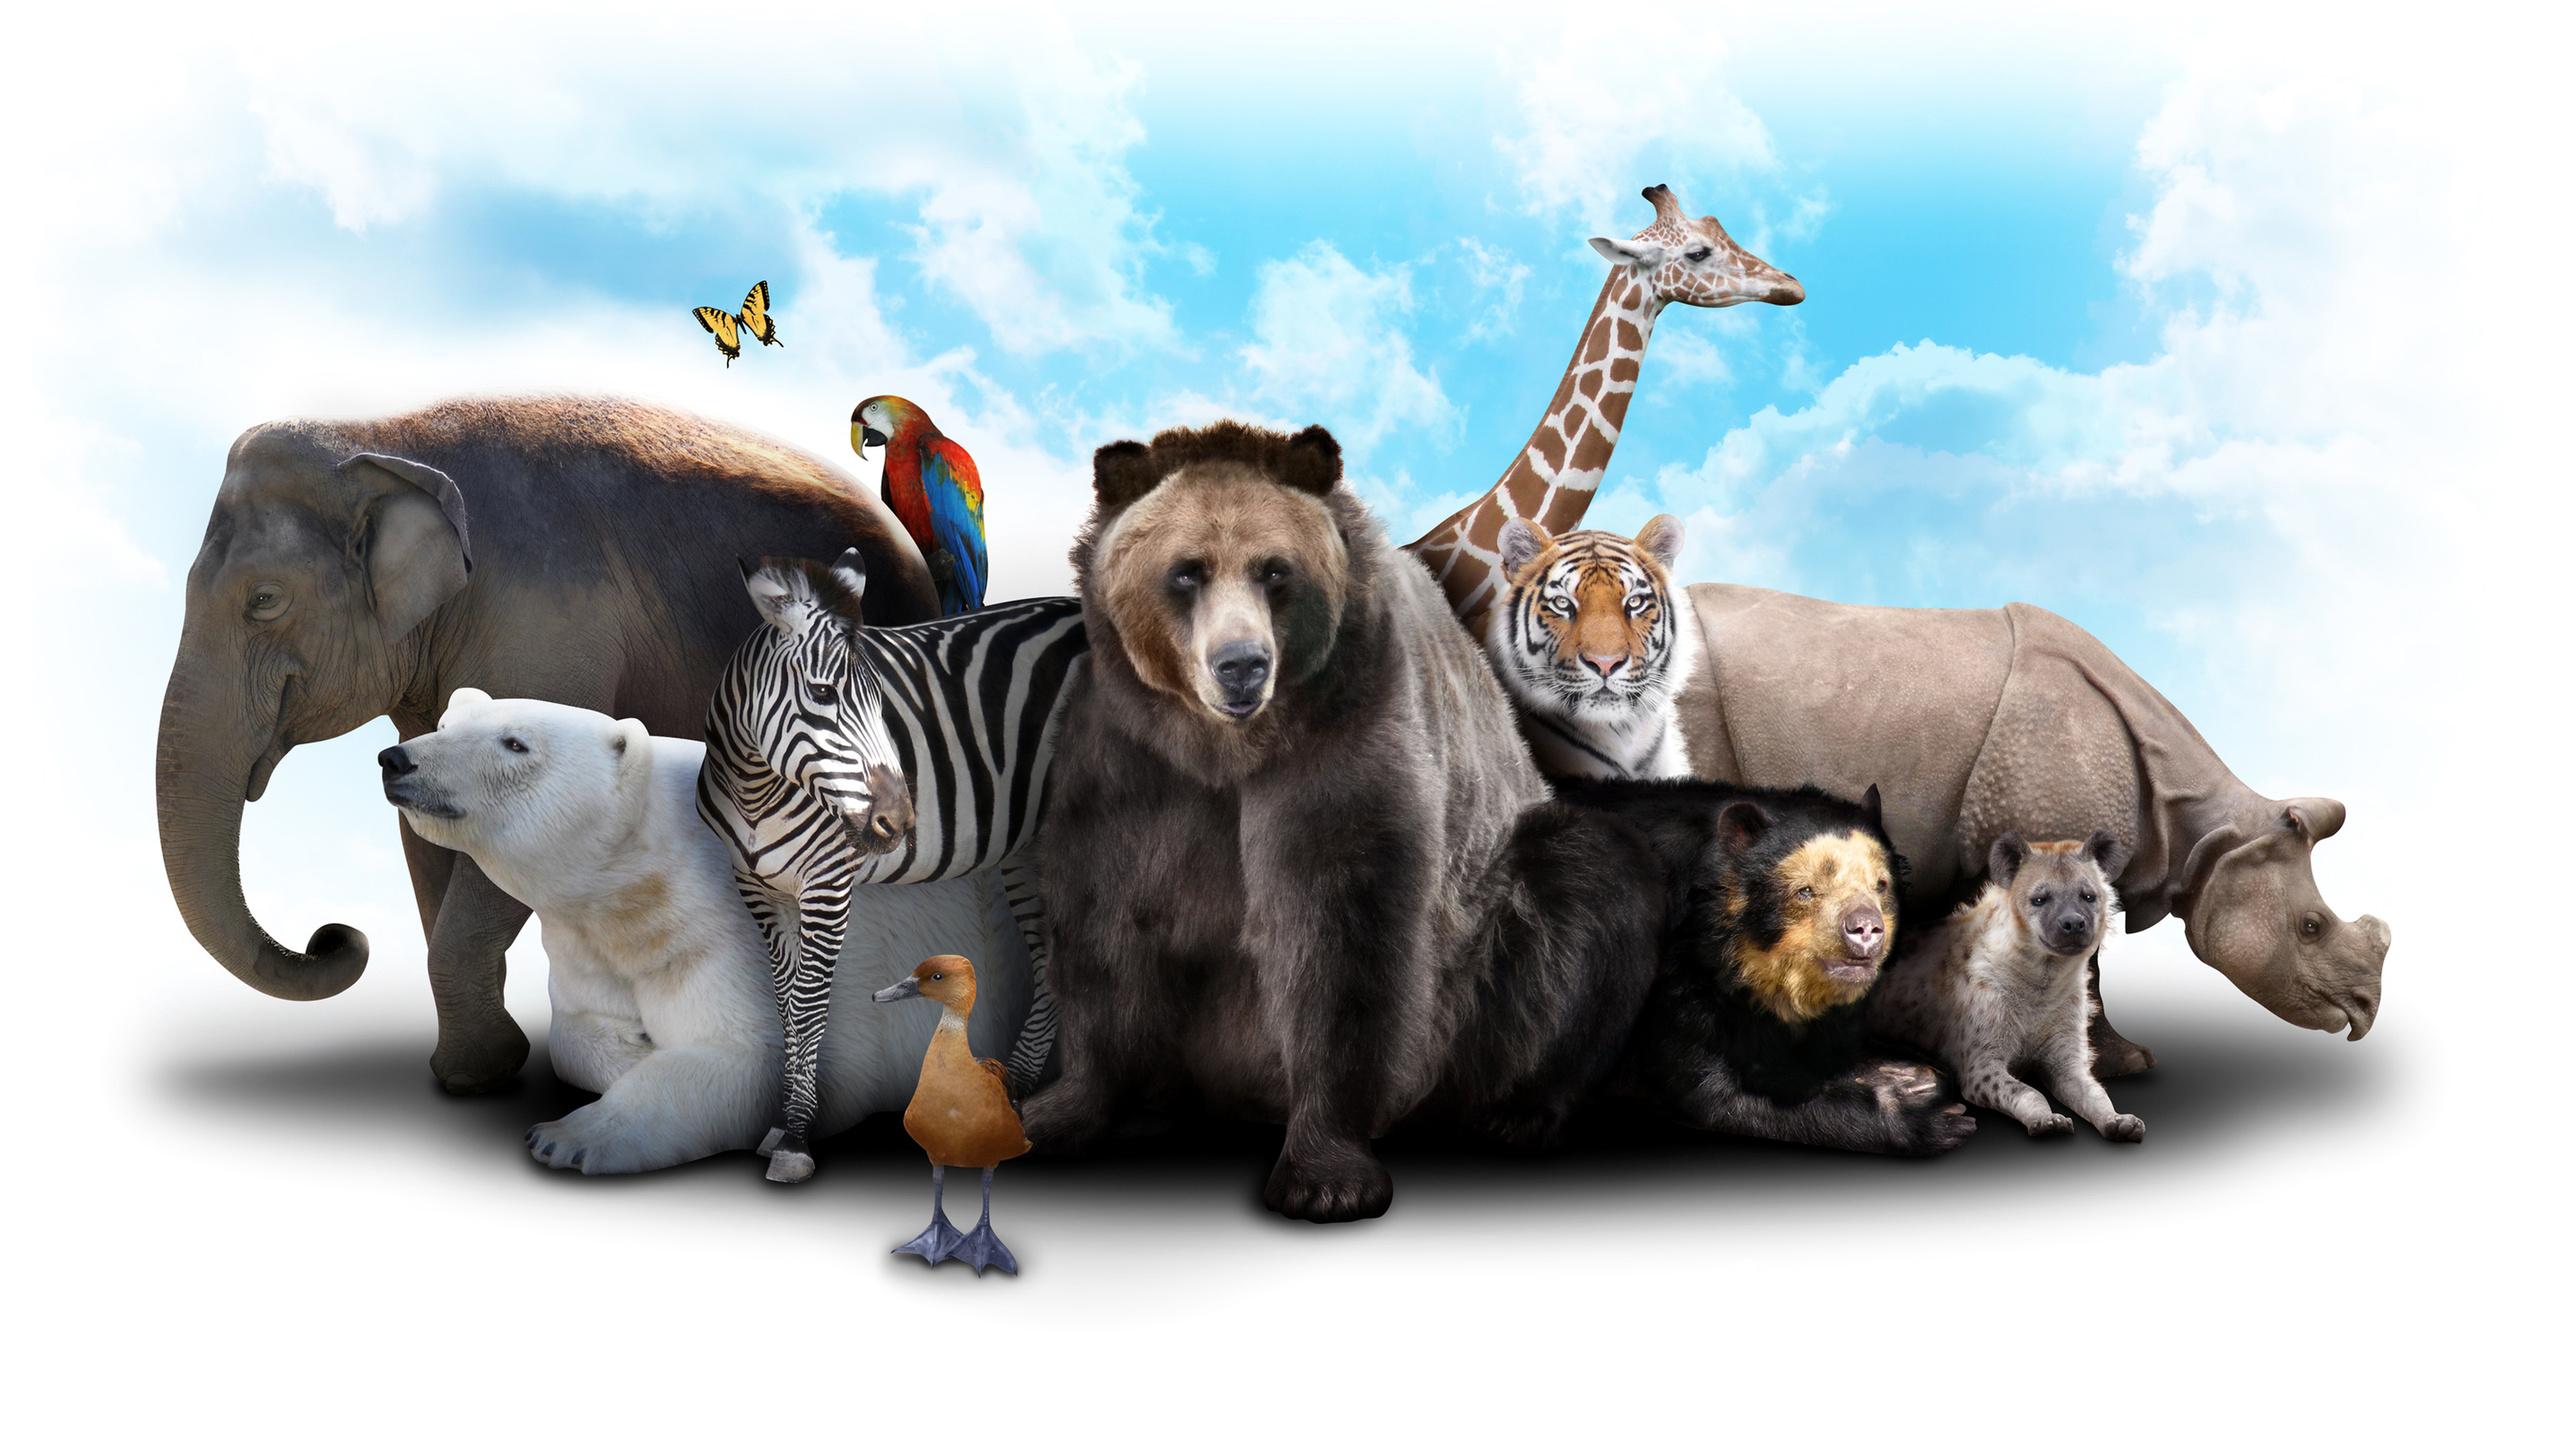 Животный мир картинки вектор, картинки картинки юбилей